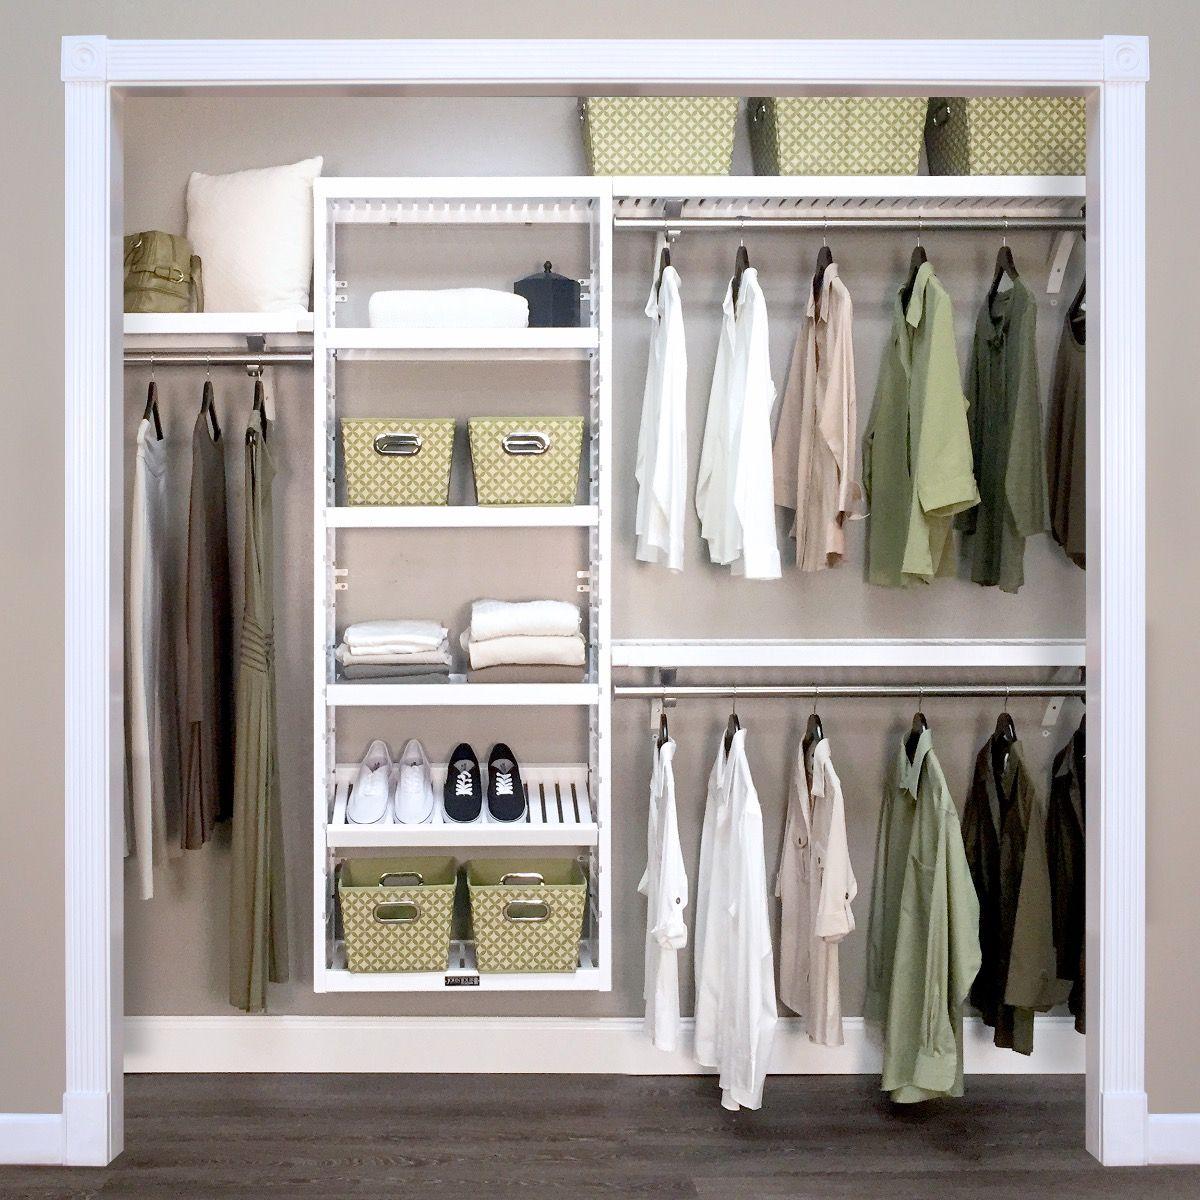 Installing a good closet organzer